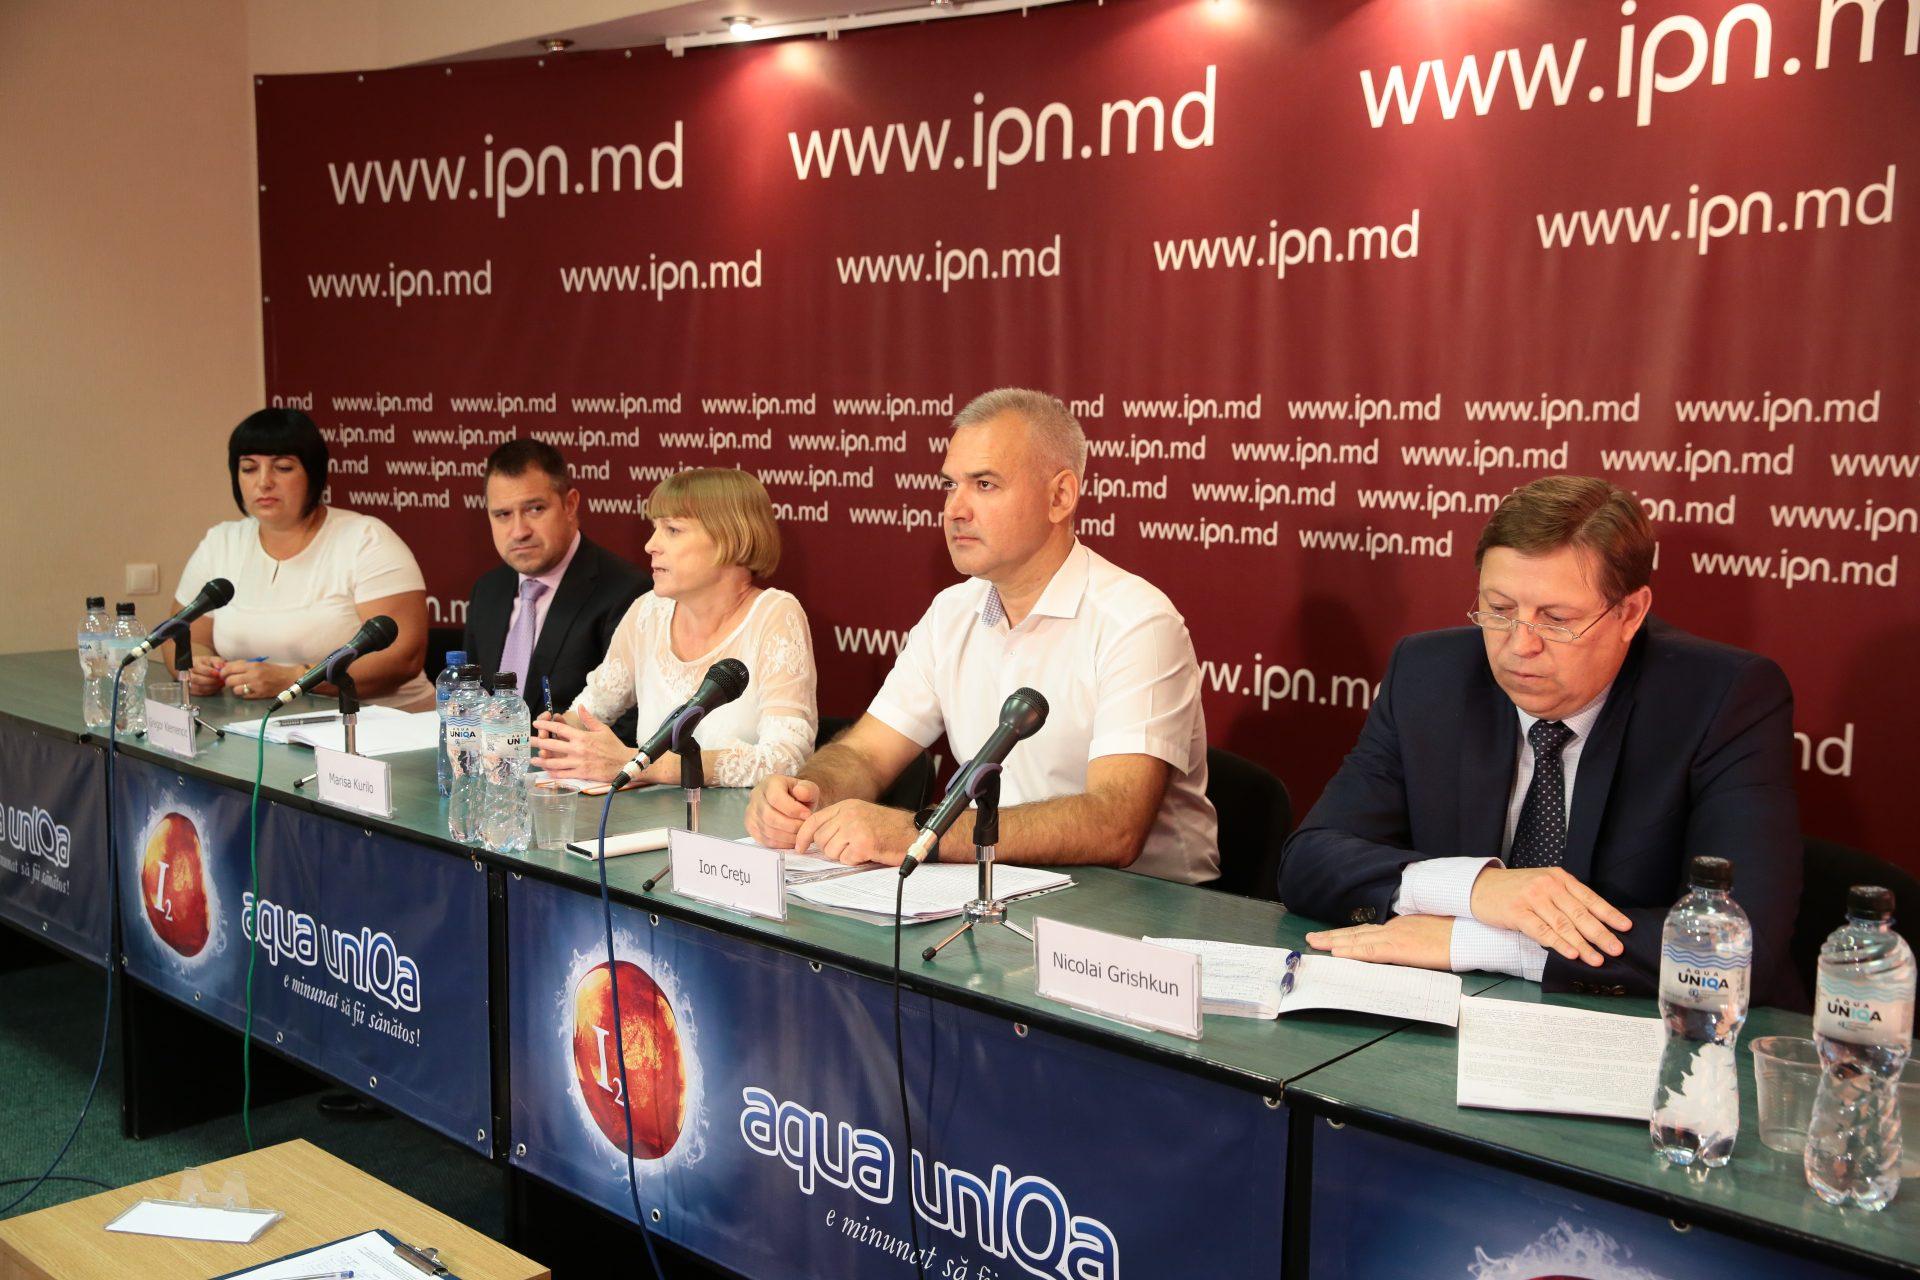 VIDEO // Republica Moldova poate pierde un nou DOSAR la CtEDO, după ce justiția a decis ca un investitor din Slovenia să fie DEPOSEDAT de un imobil pentru care a plătit 500 000 de euro